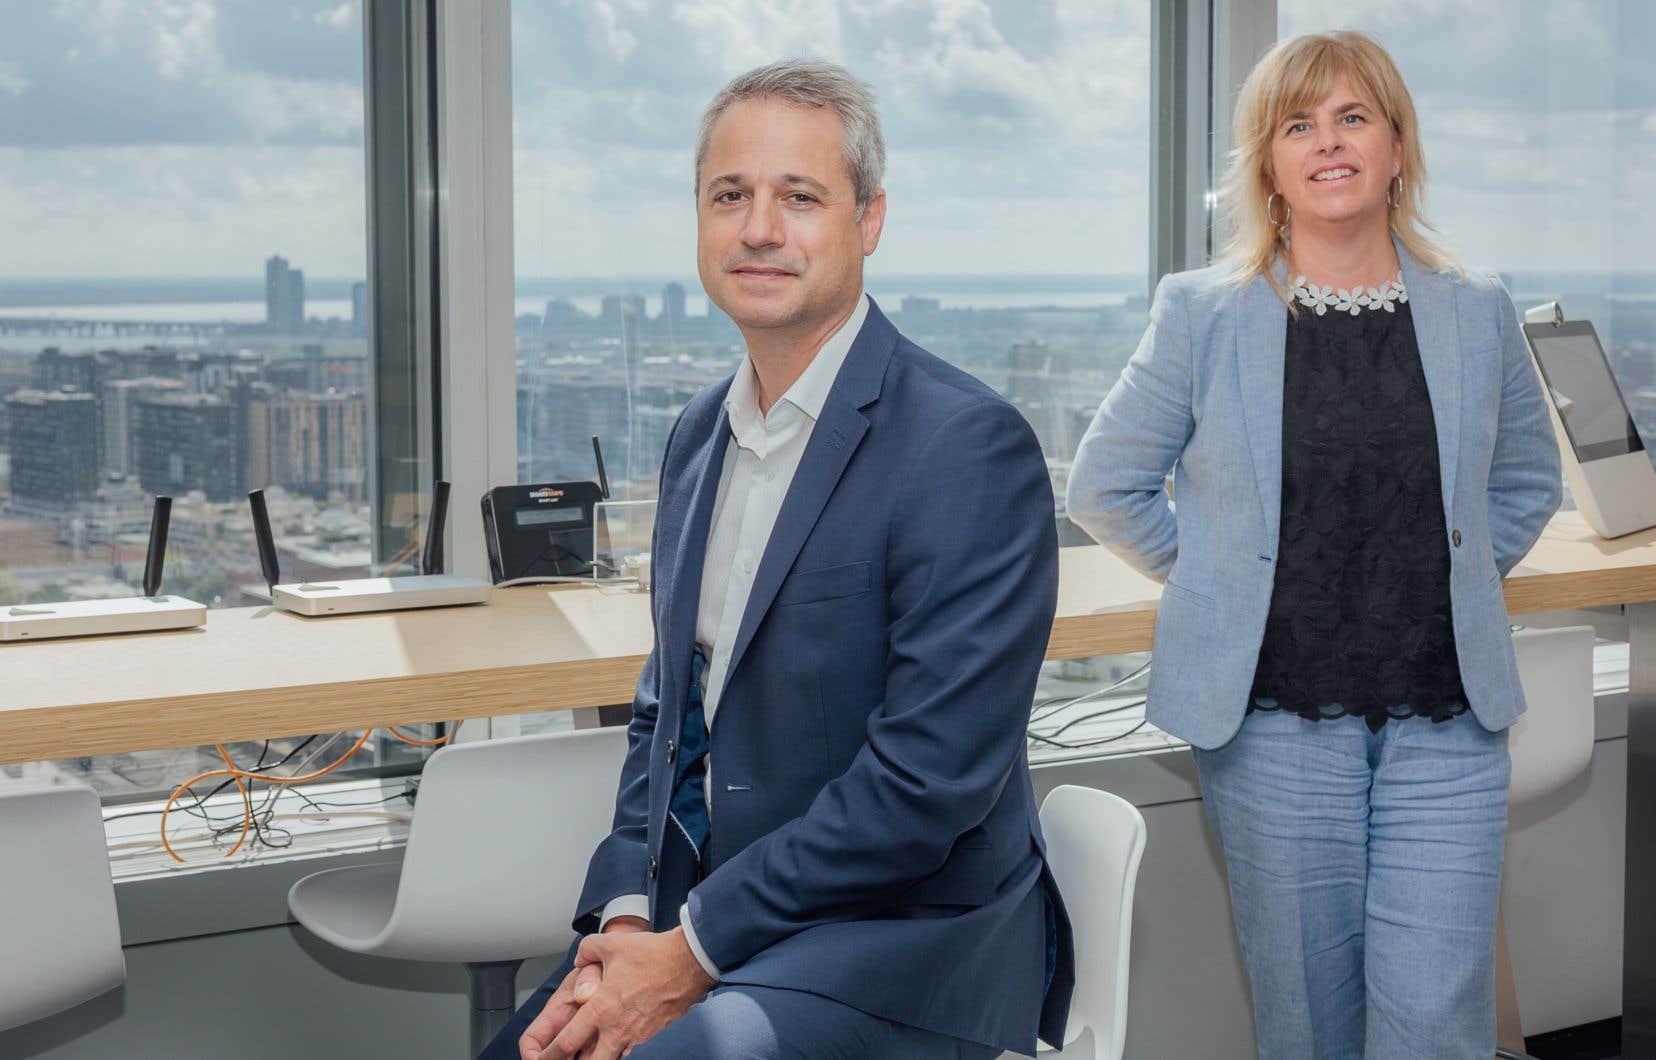 Marie-Christine D'Amours,  vice-présidente responsable  de l'expérience client au Québec chez Telus,  et Sébastien Fournier, président  de Hilo,  veulent bâtir  les fondations d'un écosystème complet d'appareils connectés pour la maison.